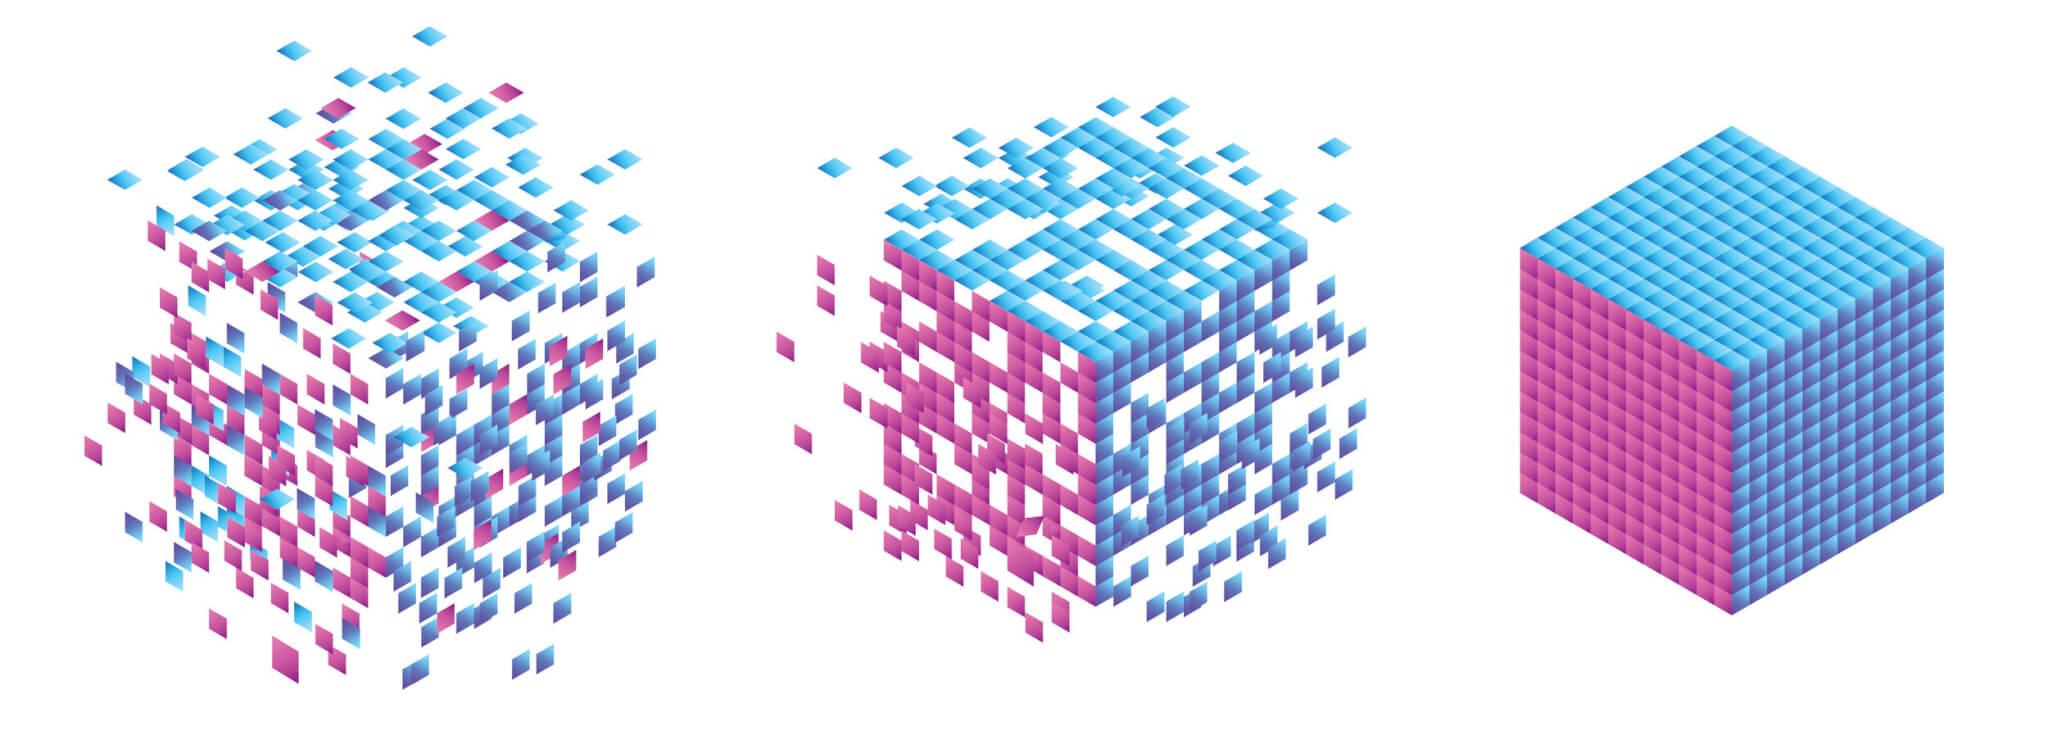 با قابلیت تشخیص الگو، سیستم بینایی ماشین میتواند الگوهای مشخصی را تشخیص دهد.